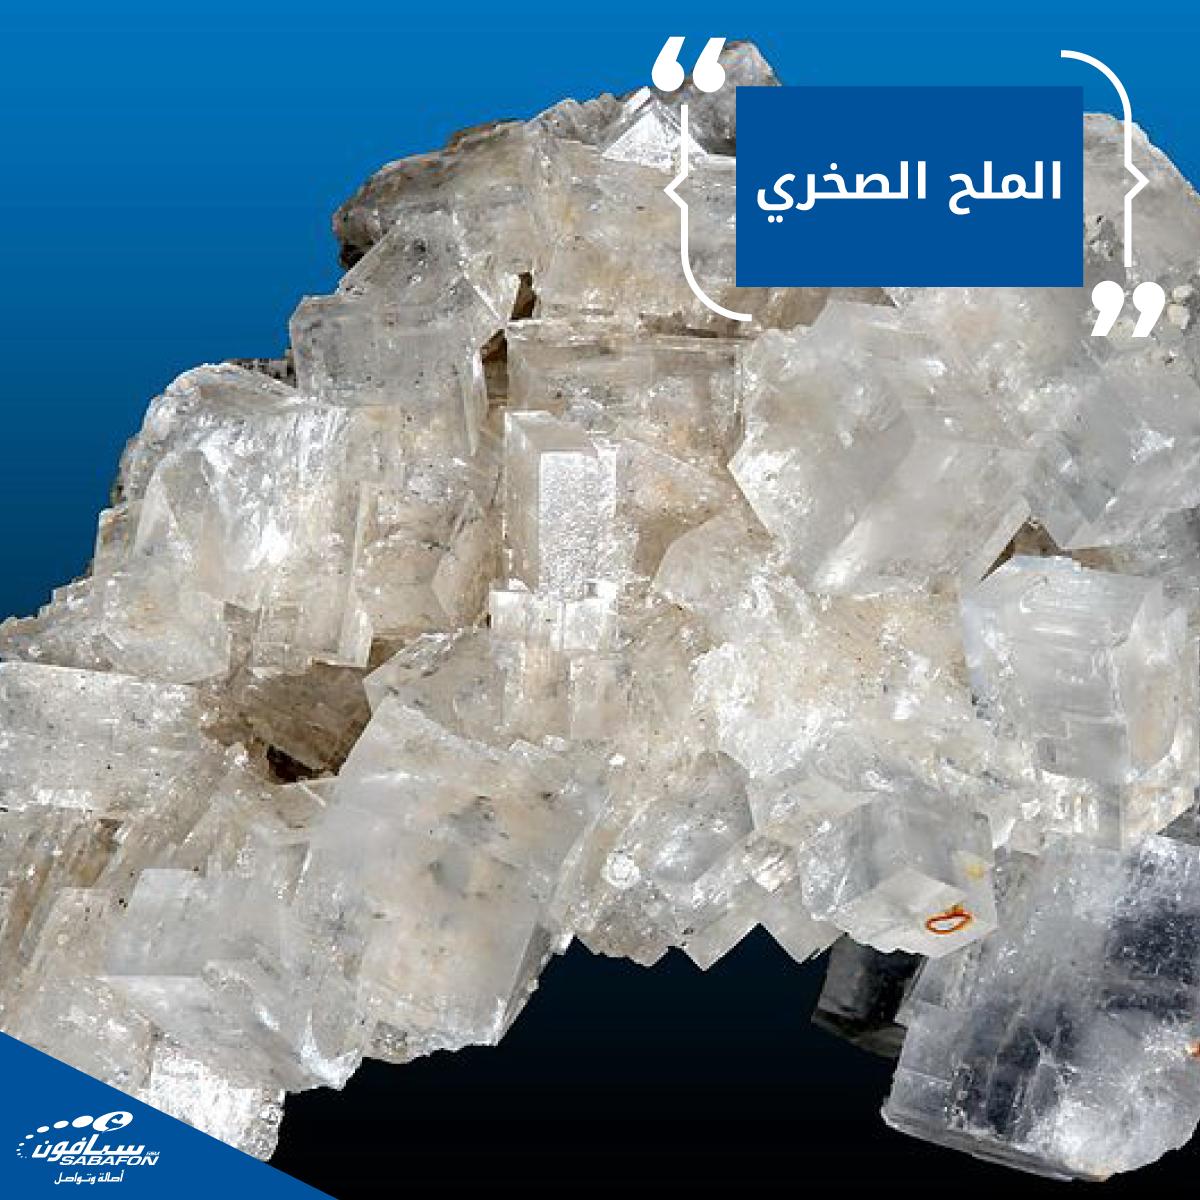 الملح الصخري هو ما يسمى بكلوريد الصوديوم أو ما يطلق عليه أيضا اسم ملح الطعام ويتواجد في الطبيعة على عد ة أشكال ي Natural Landmarks Landmarks Mount Rushmore